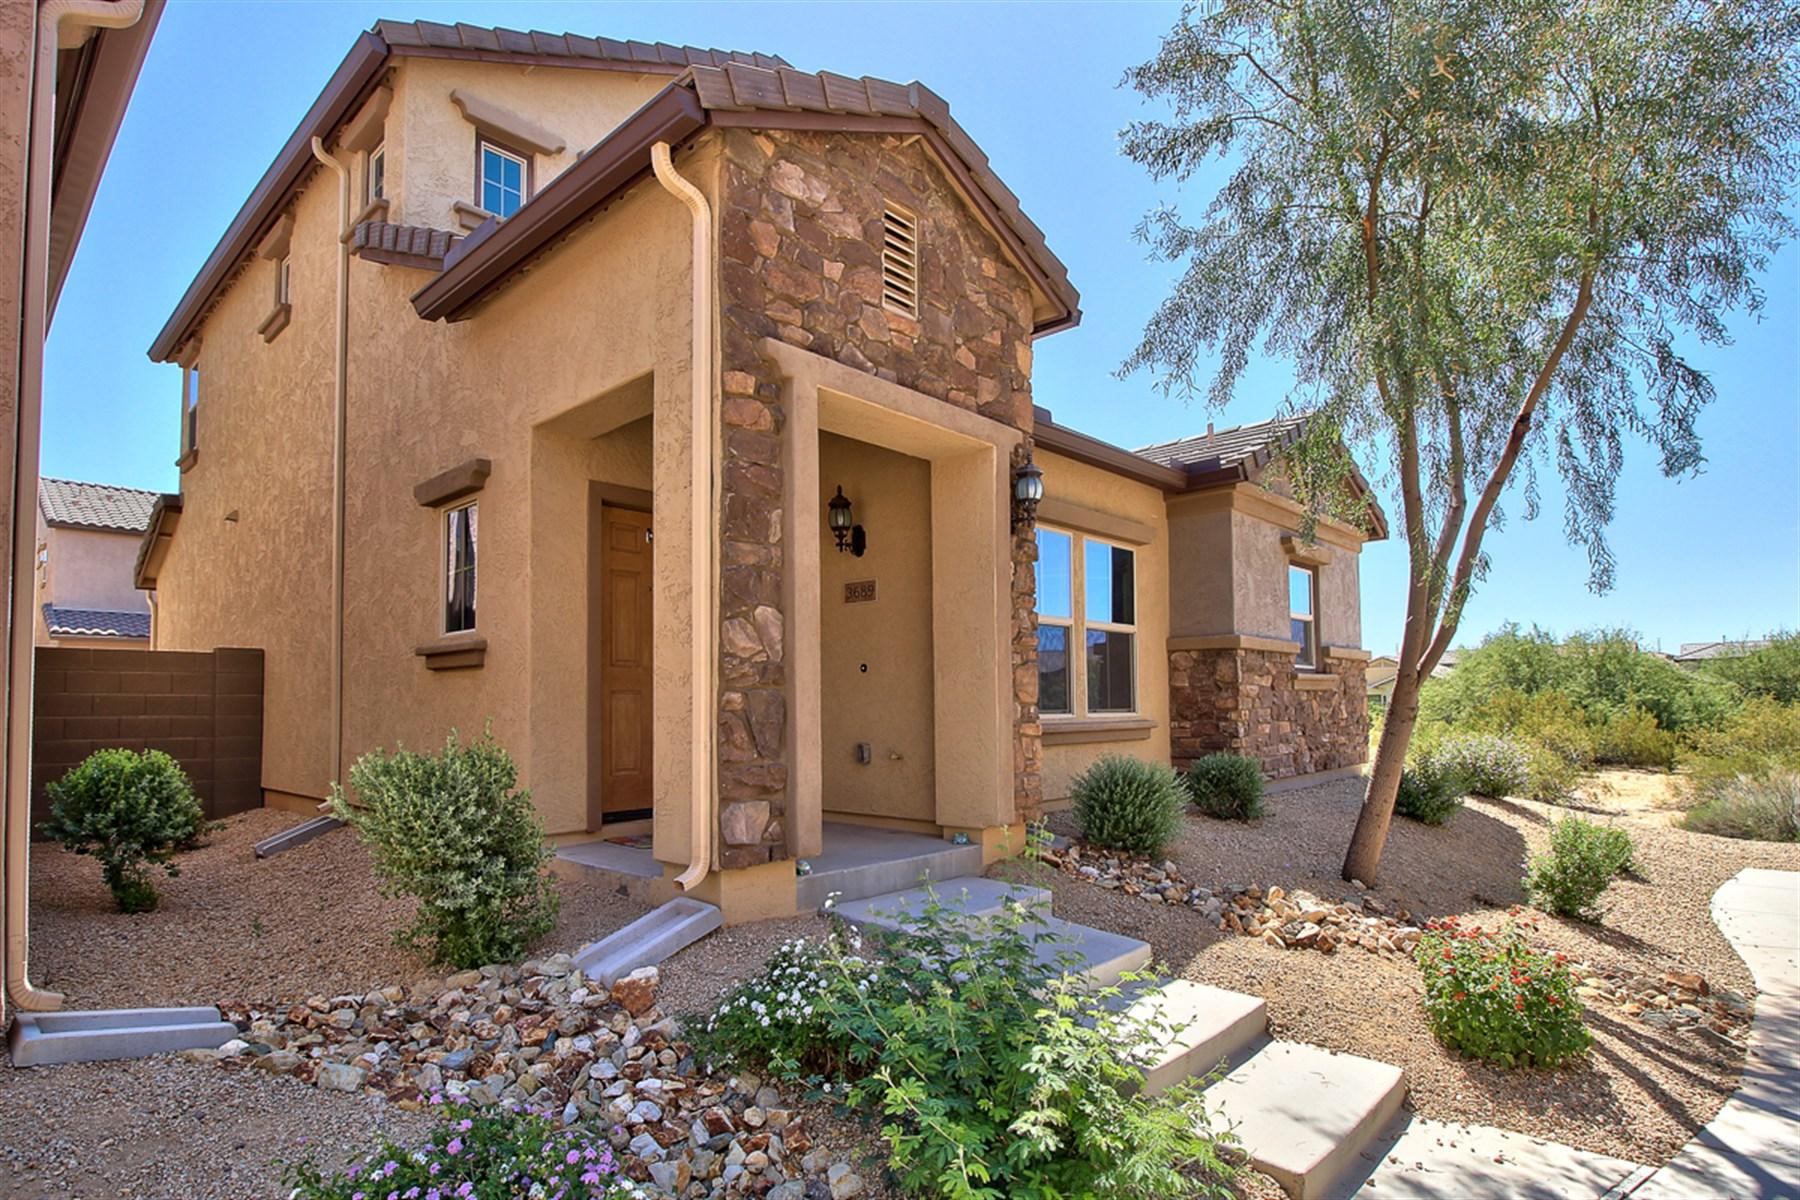 Maison unifamiliale pour l Vente à Fireside Gated Community In Desert Ridge 3689 N Zachary DR Phoenix, Arizona 85050 États-Unis